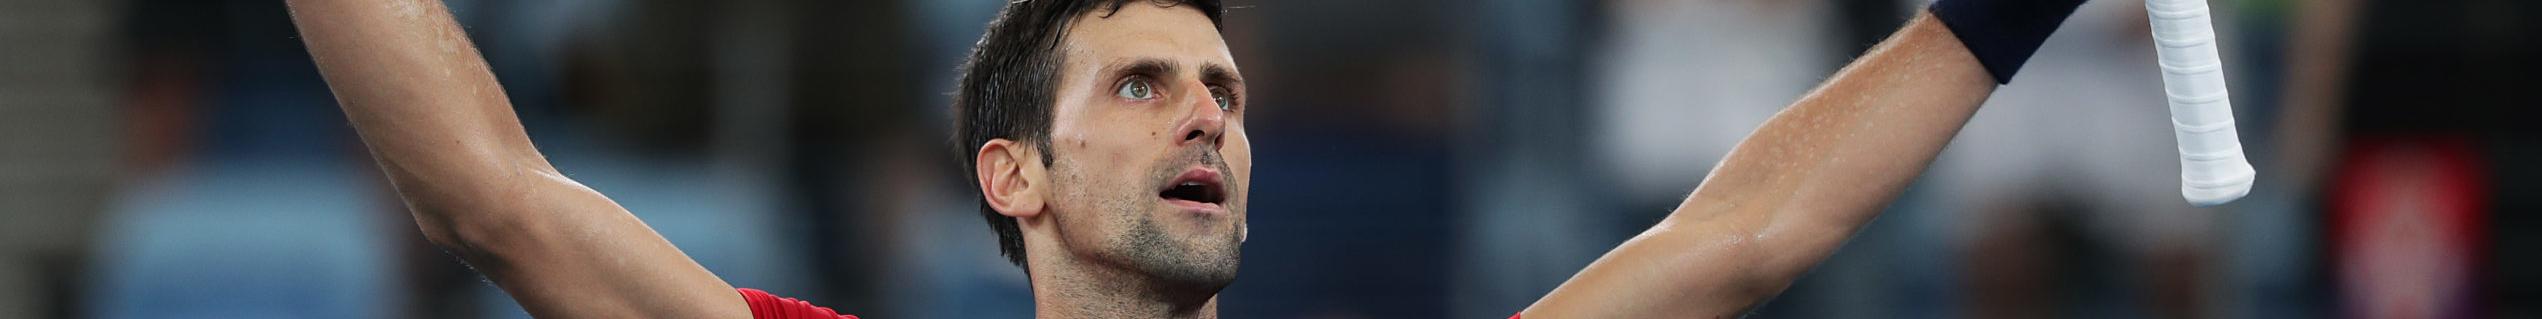 ATP Cup 2020: finale tra Serbia e Spagna, decideranno tutto Djokovic e Nadal